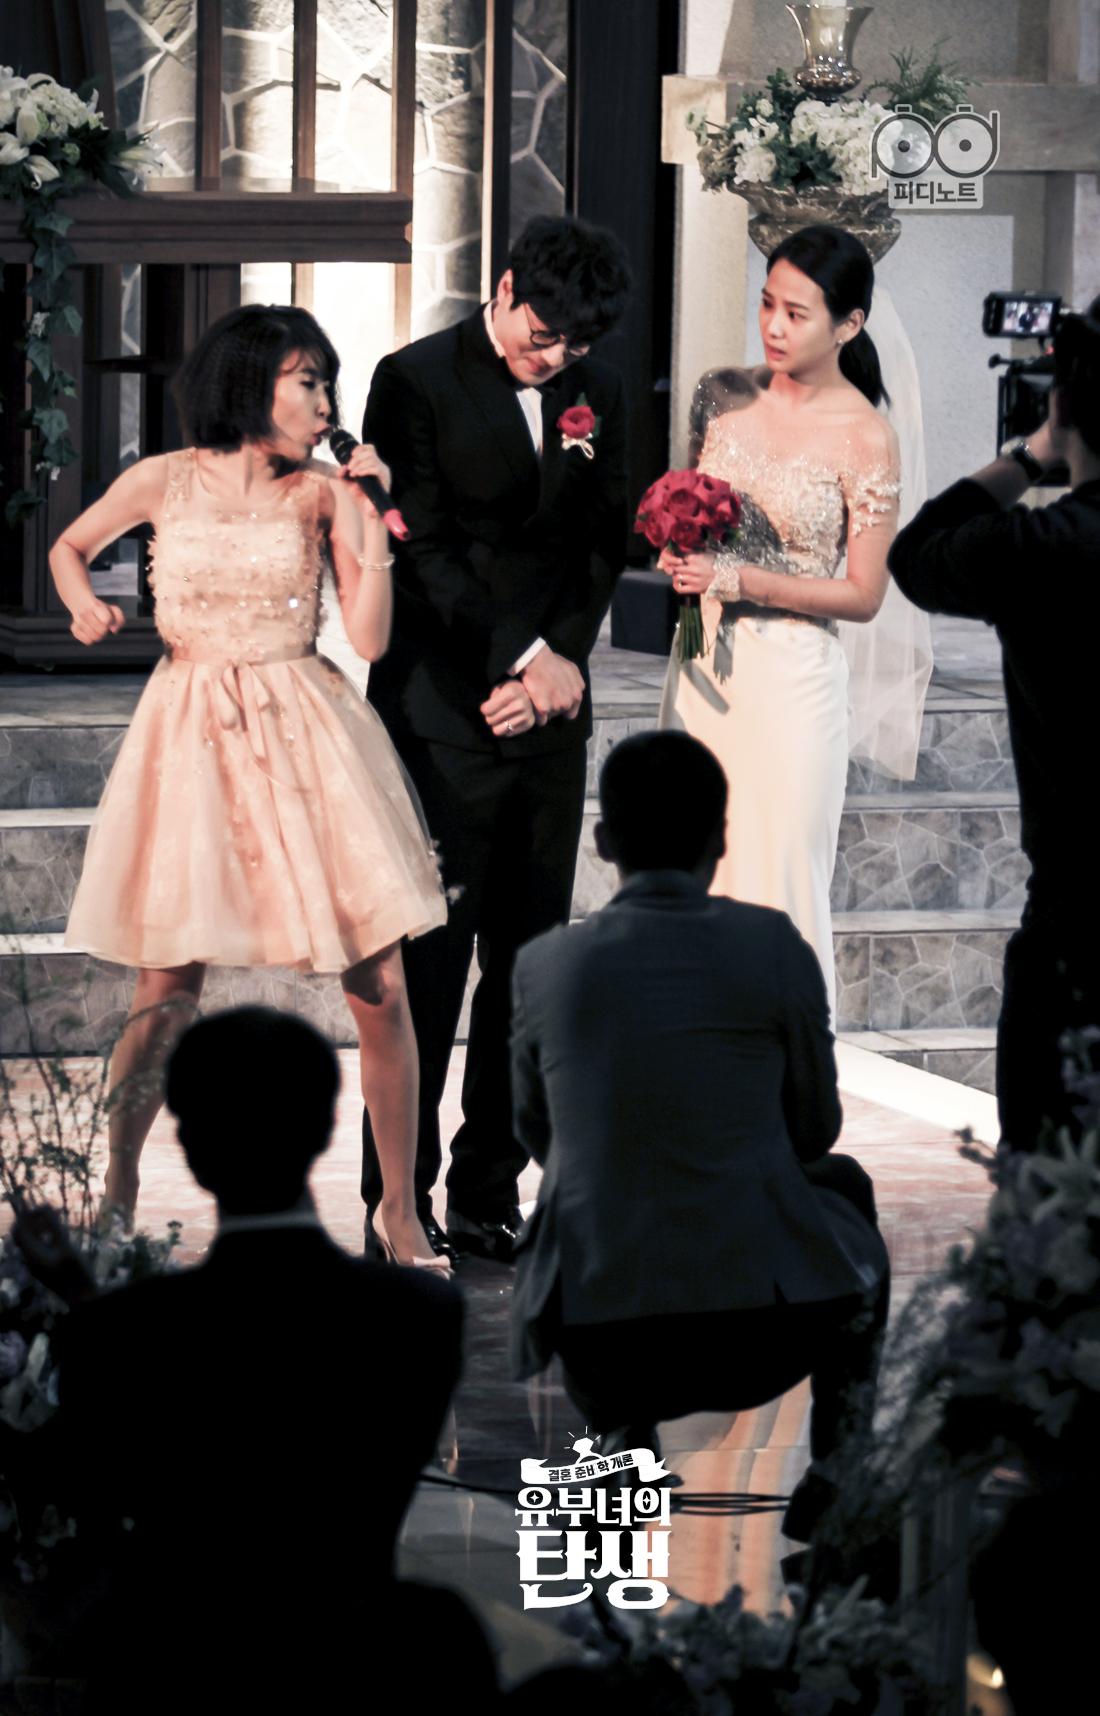 #9 포토스케치 : 유부녀의 탄생! D-DAY 우리 결혼해요~♥